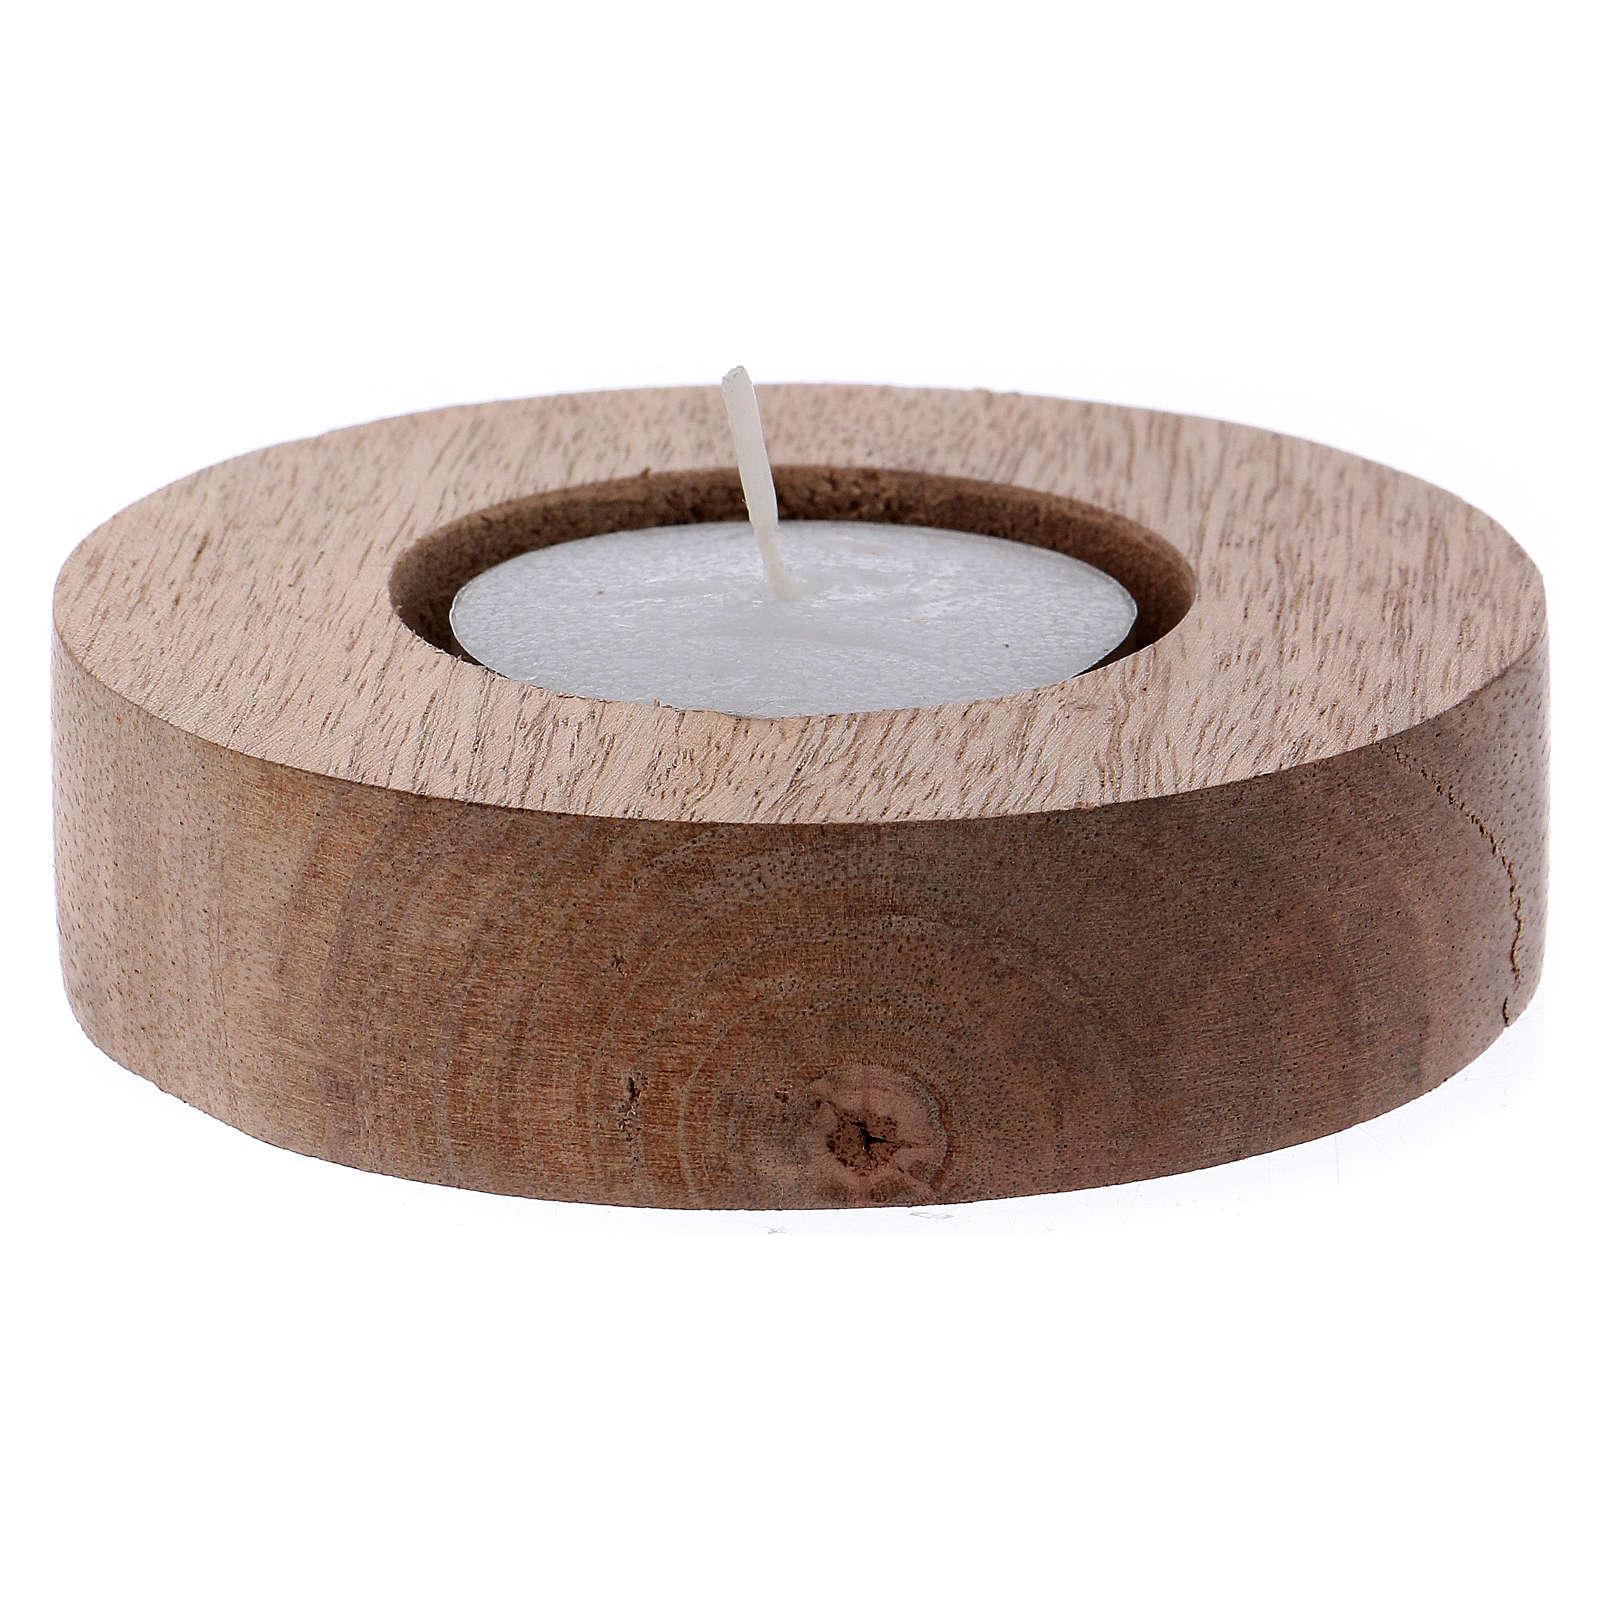 Portacandele legno con bordo tubolare rialzato  3